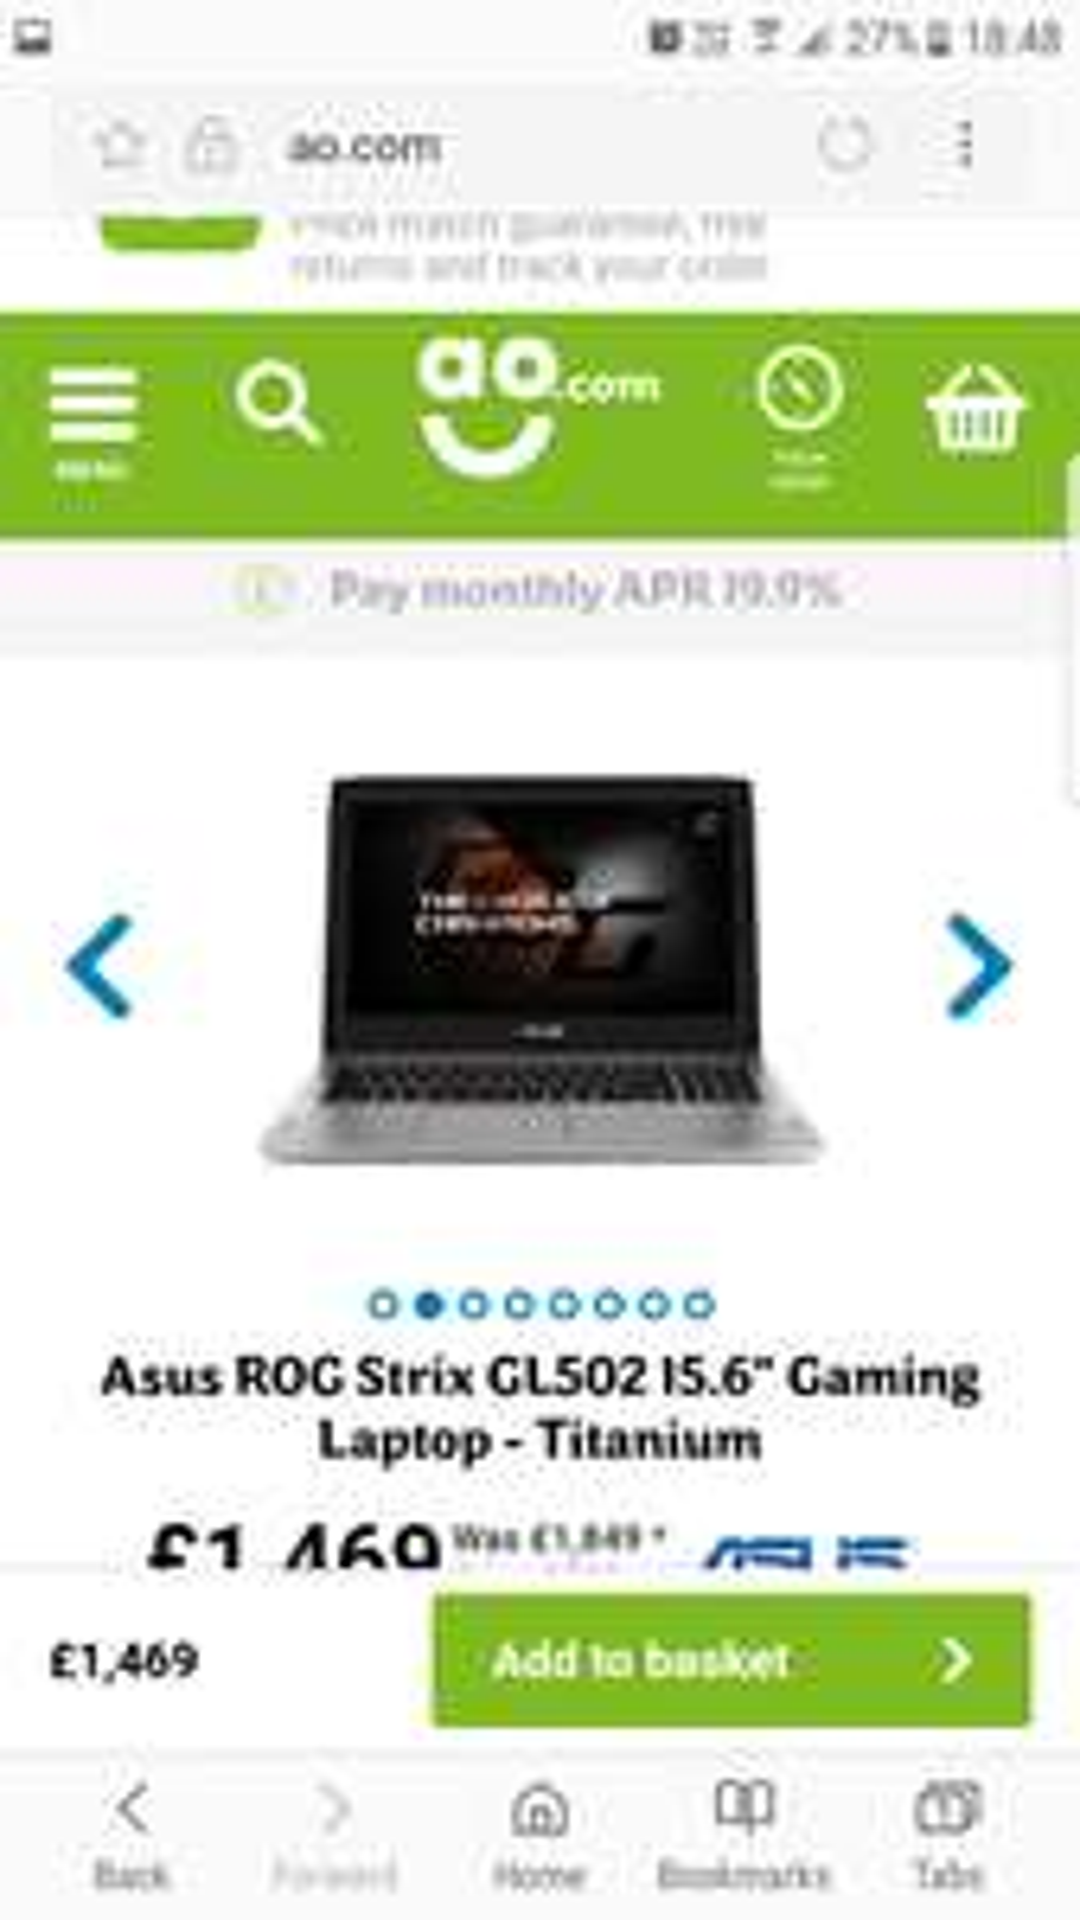 Asus ROG Strix gaming laptop £1469 @ AO